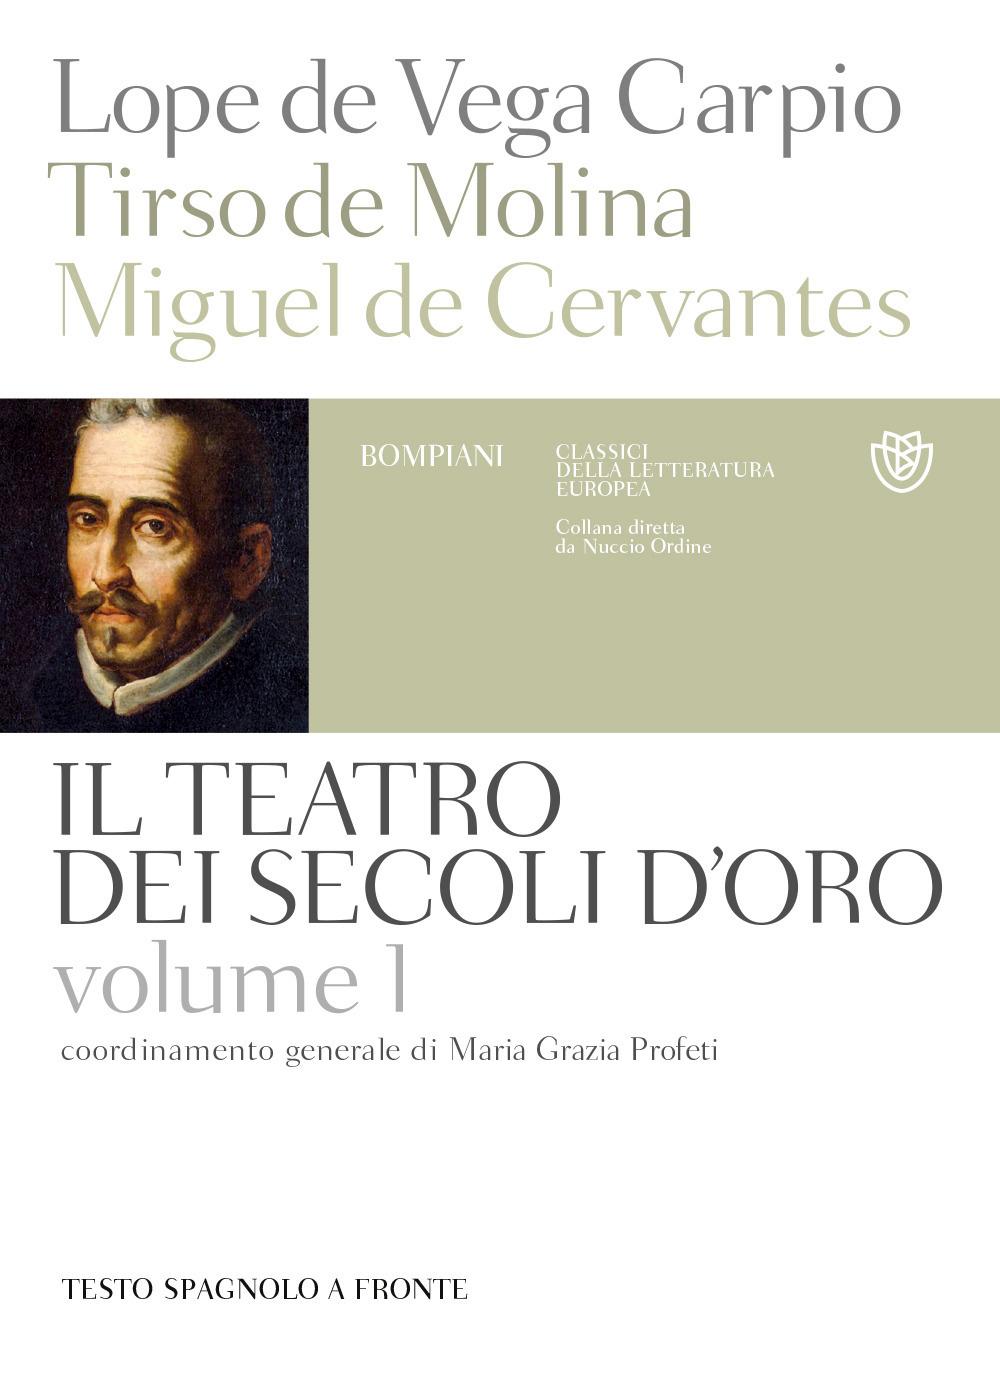 Il teatro dei secoli d'oro. Testo spagnolo a fronte. Vol. 1.